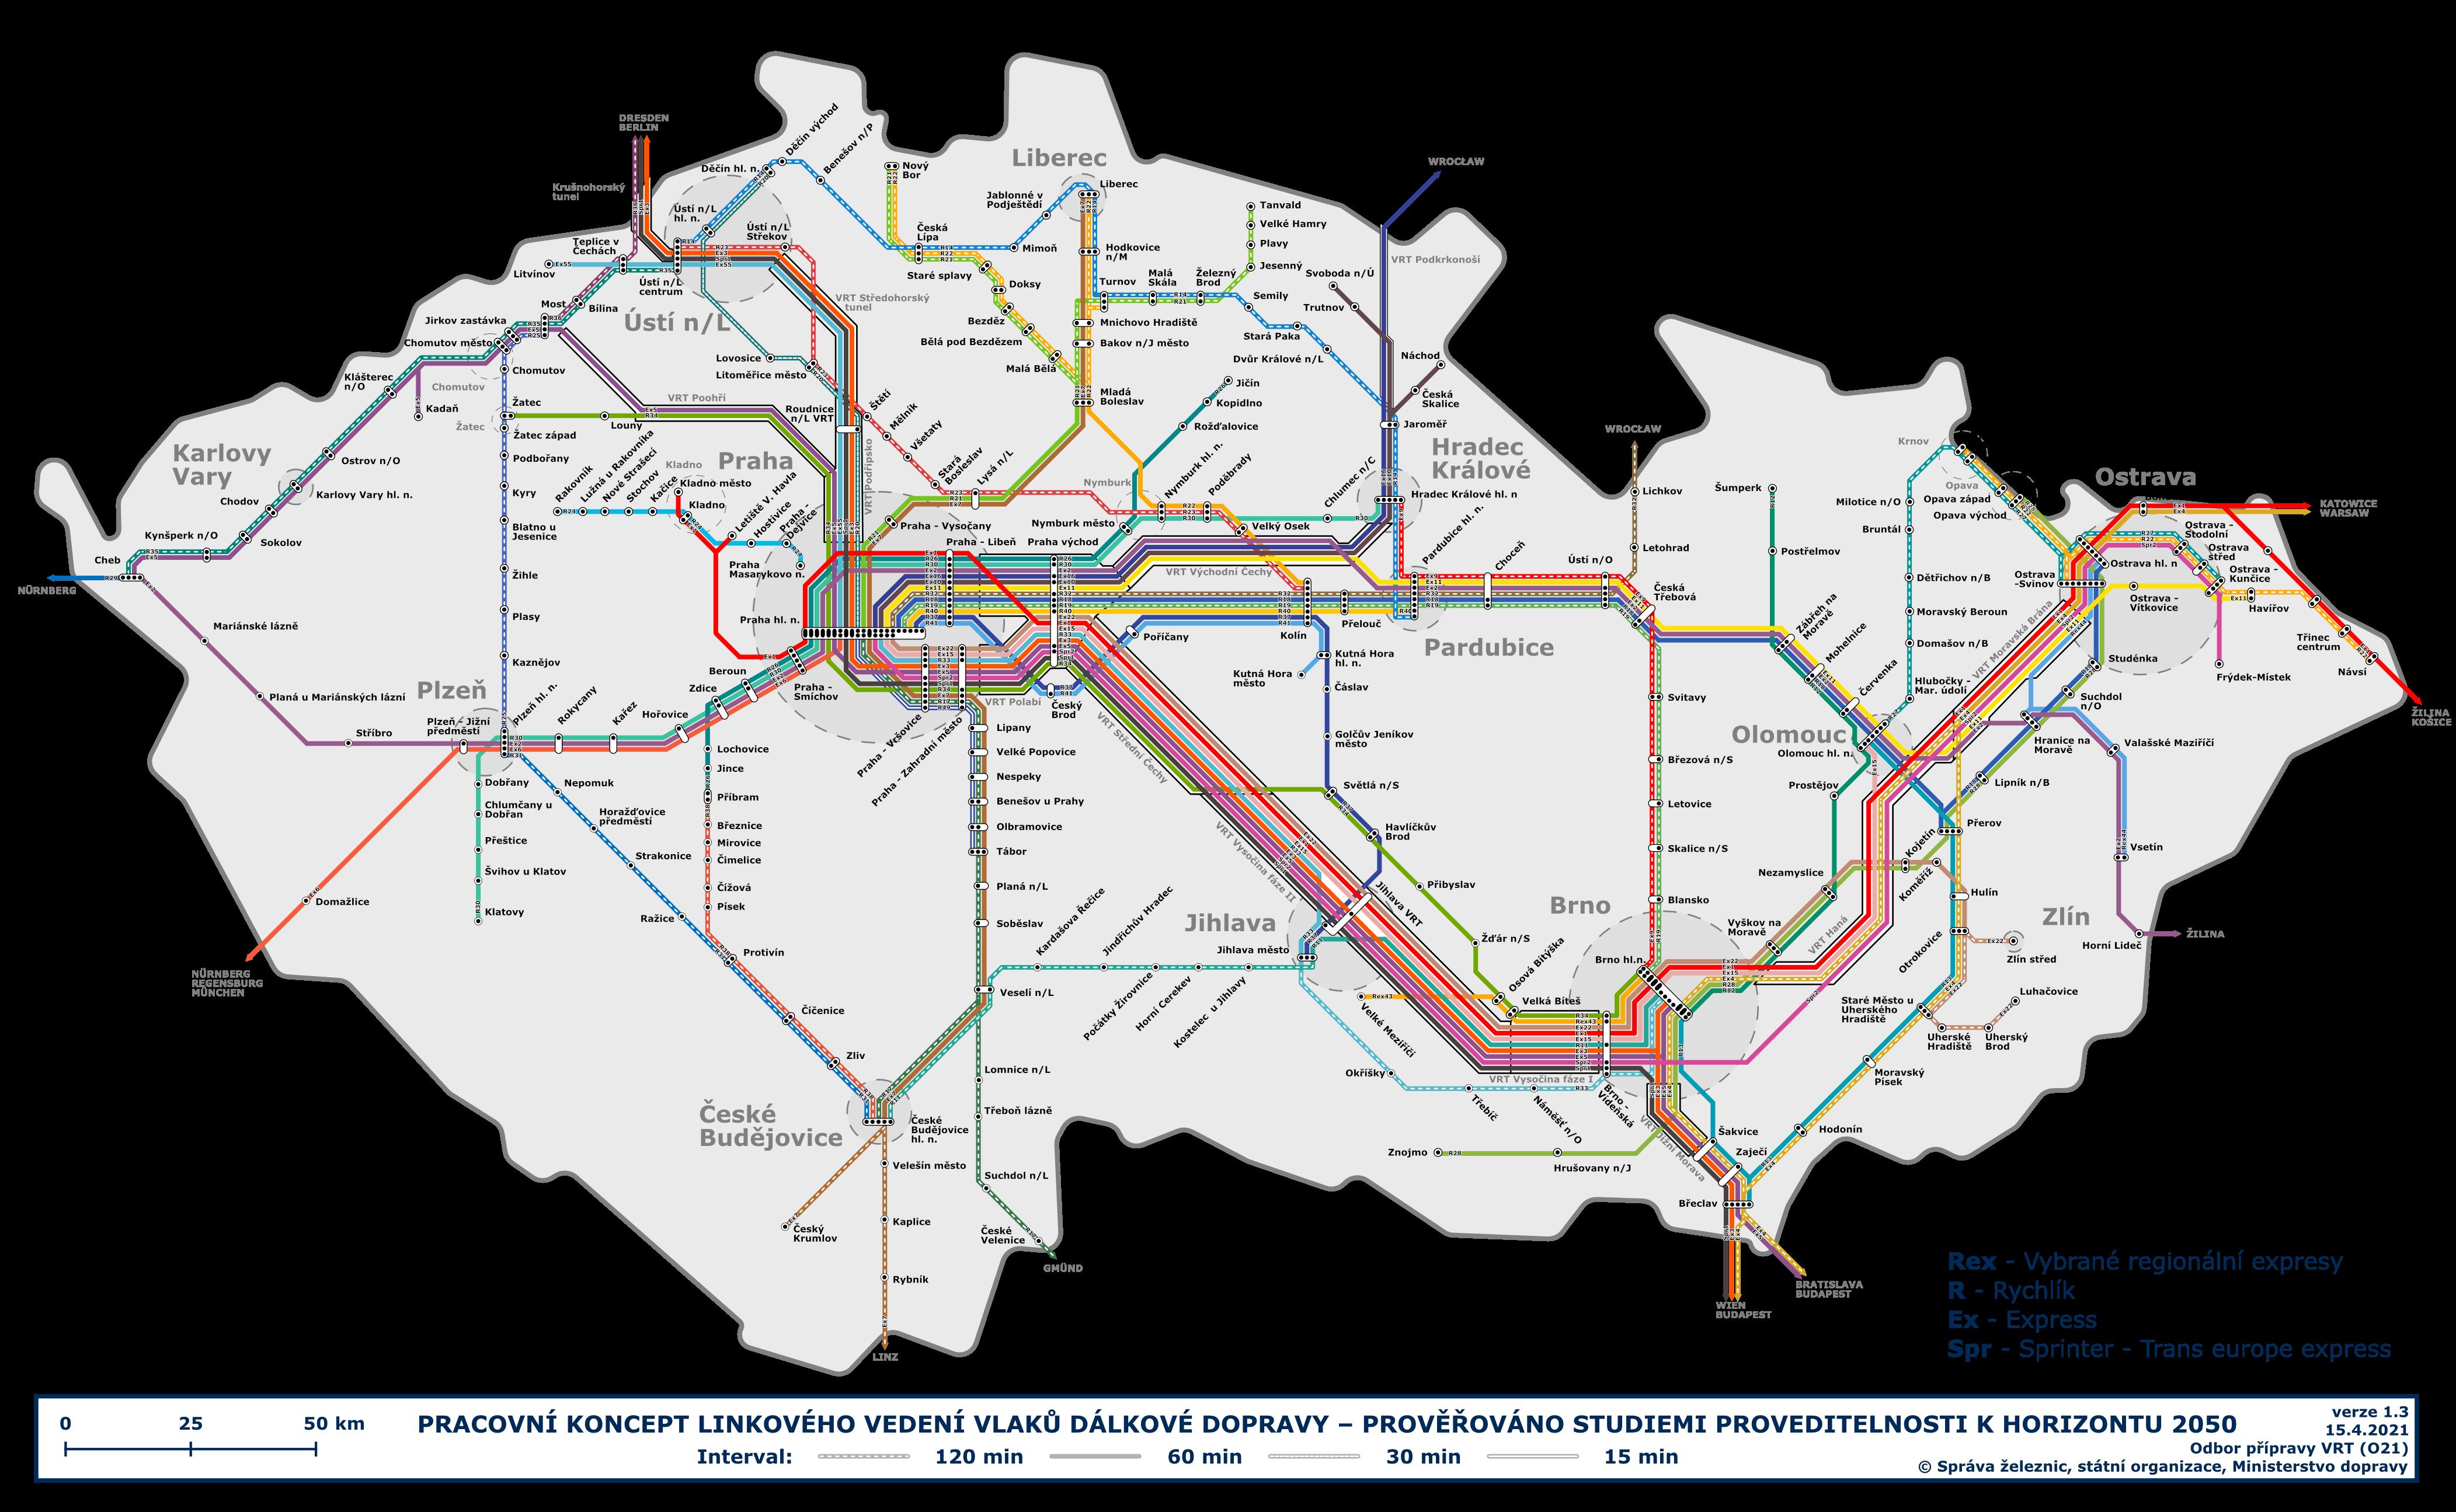 Mapa linkového vedení